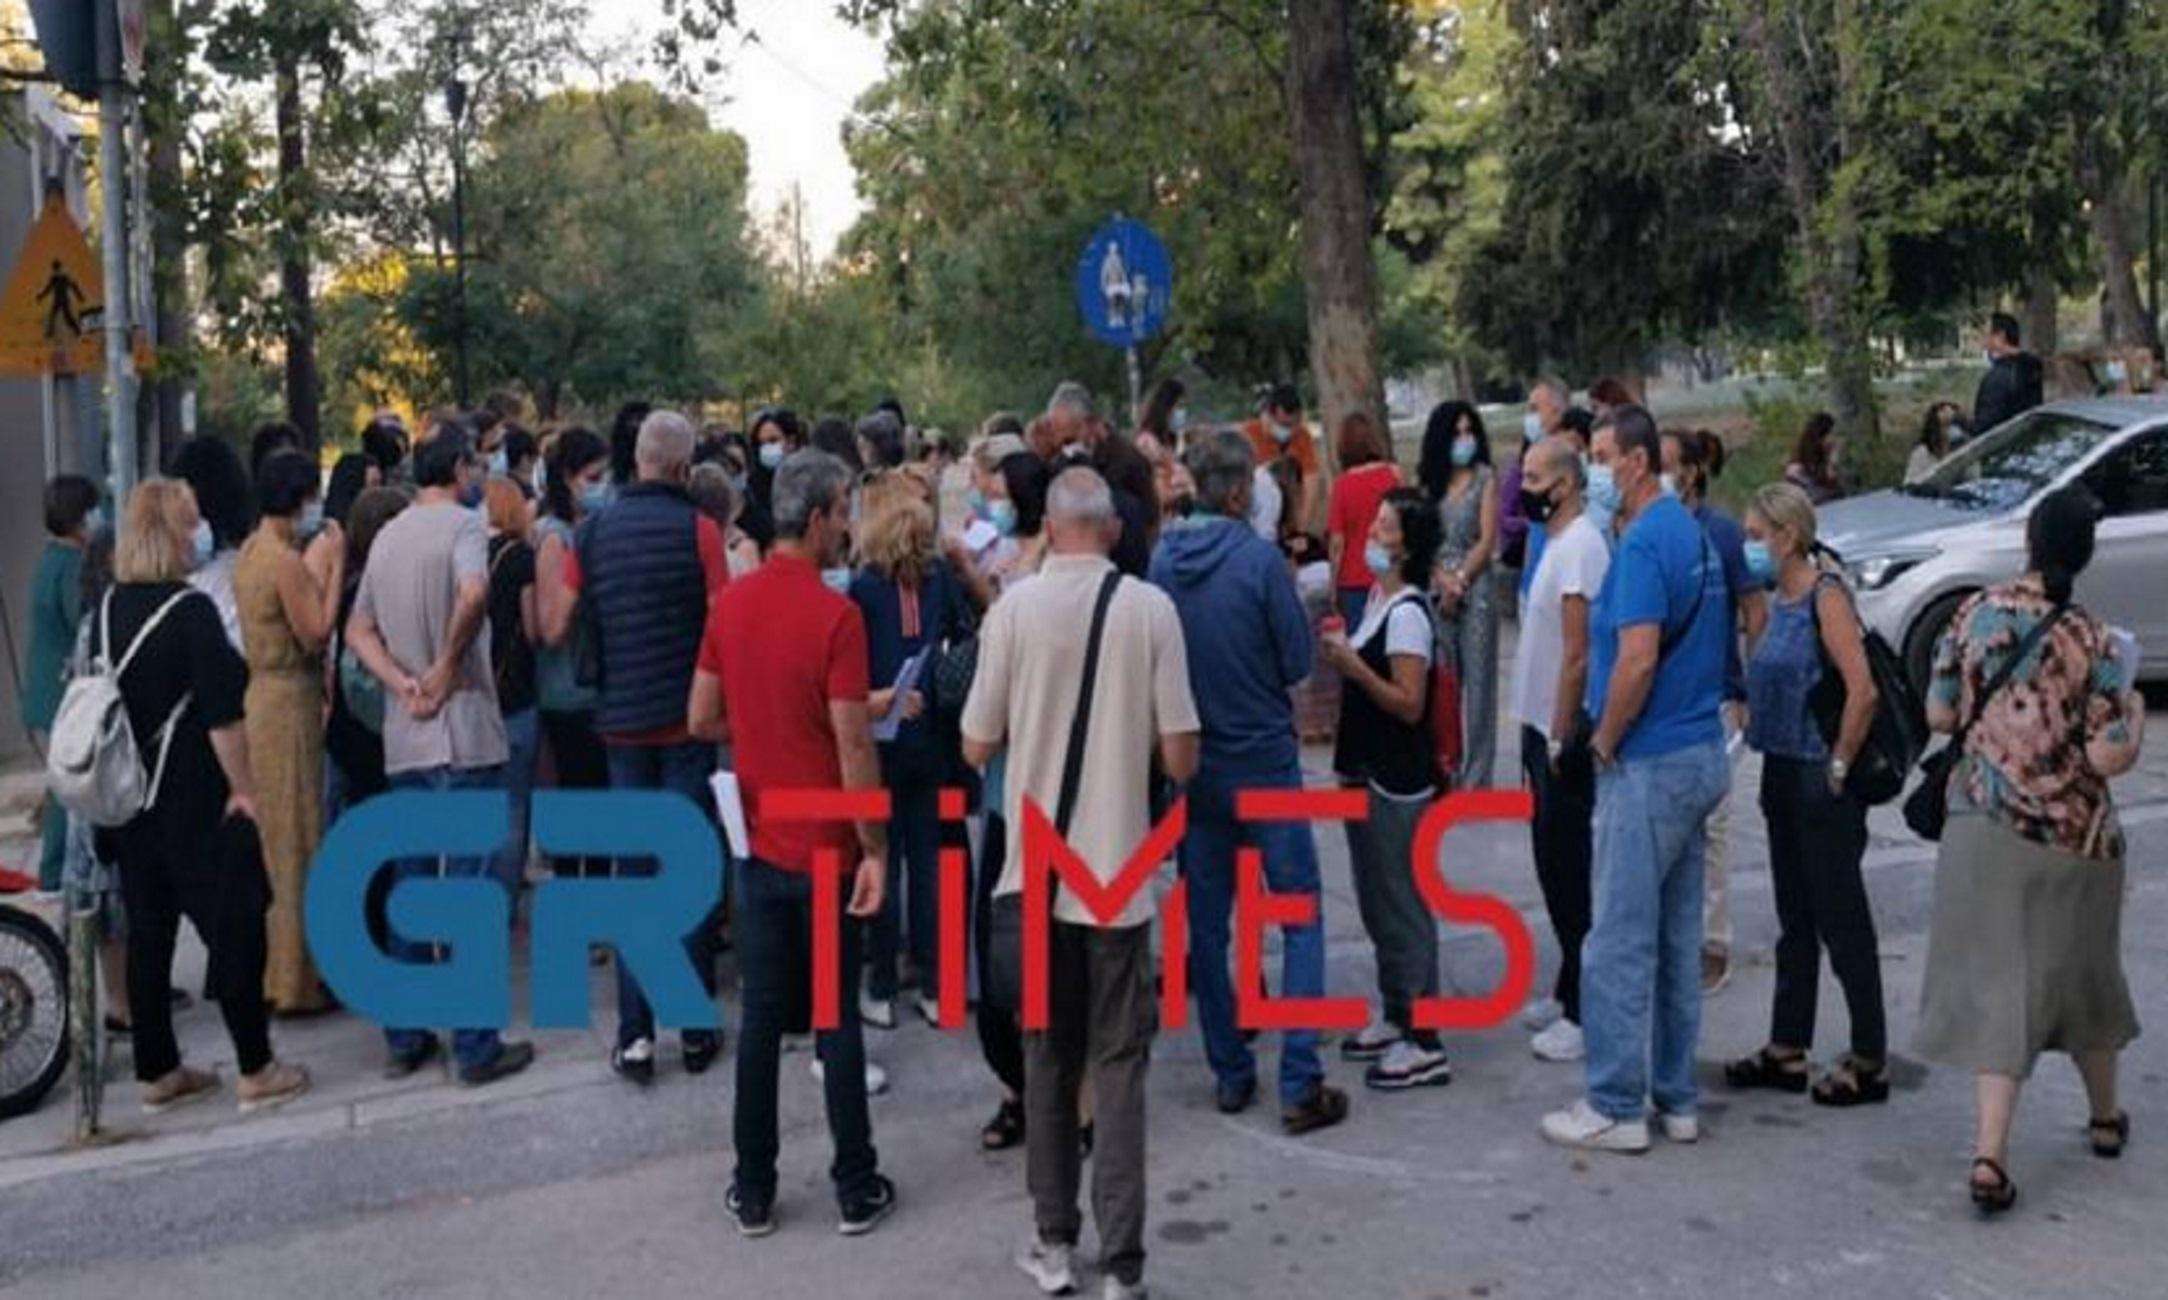 Θεσσαλονίκη: Η στιγμή που οι ανεμβολίαστοι του ΑΧΕΠΑ παίρνουν το χαρτί για την αναστολή εργασίας